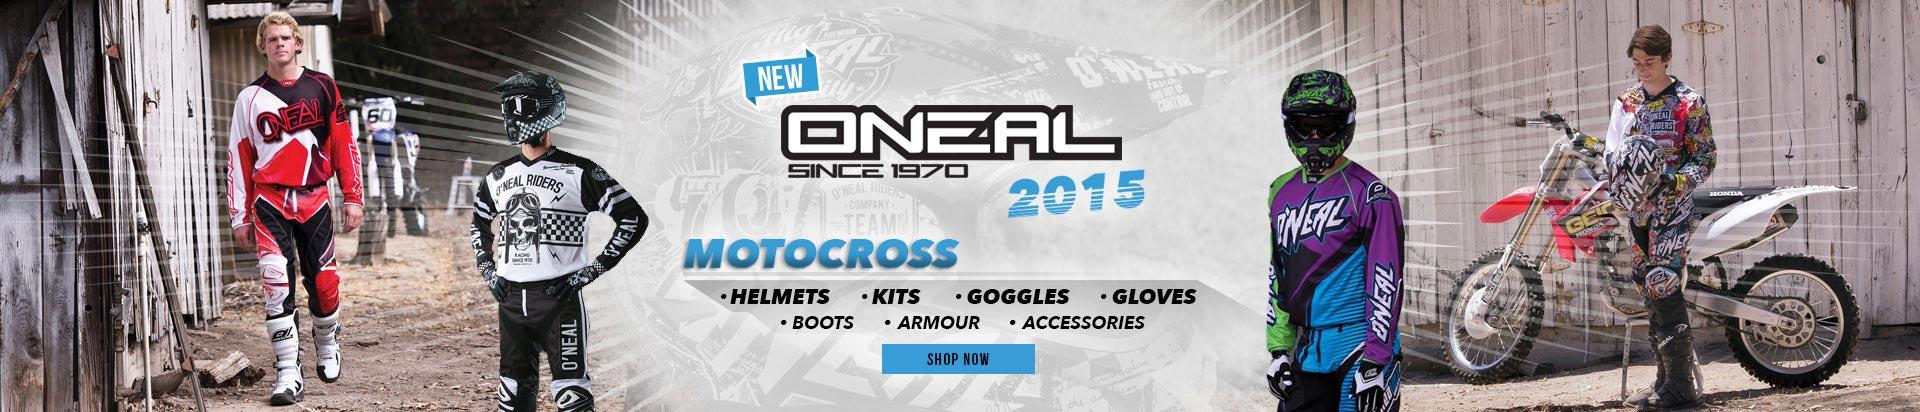 O'Neal 2015 Motocross Range